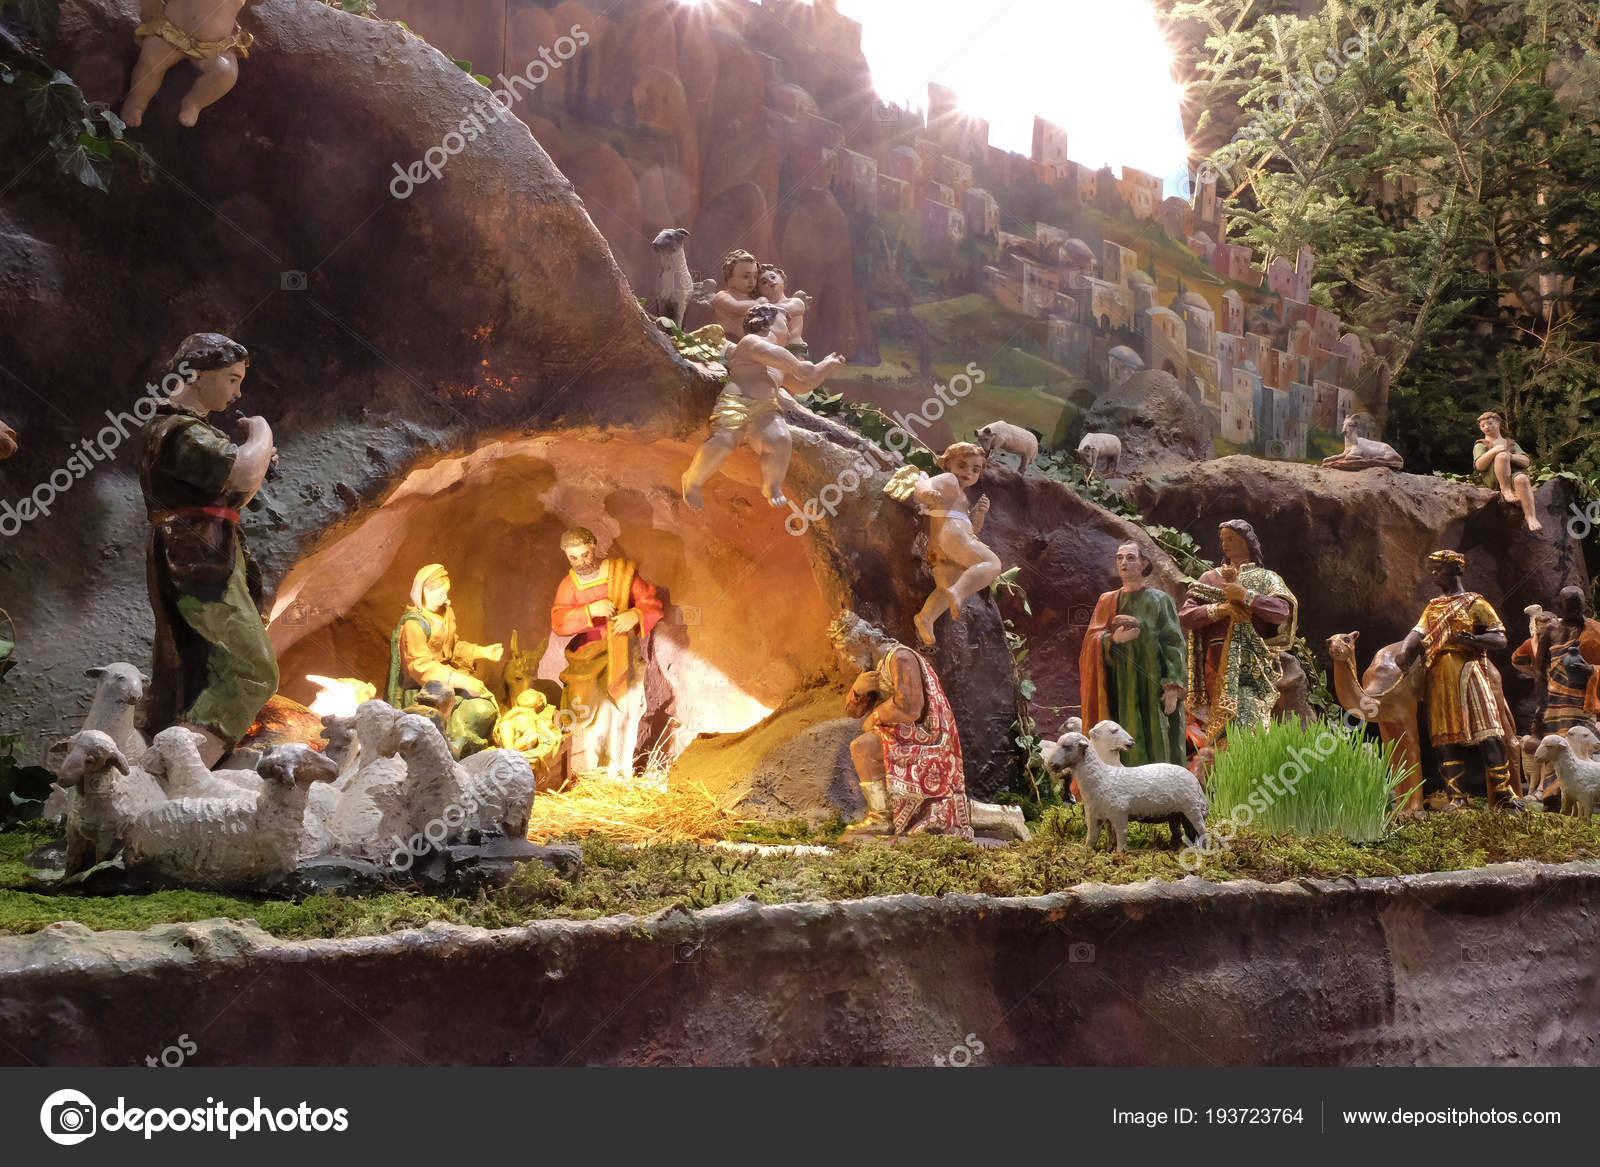 Bilder Krippe Weihnachten.Krippe Weihnachten Krippe Der Kathedrale Von Zagreb Stockfoto